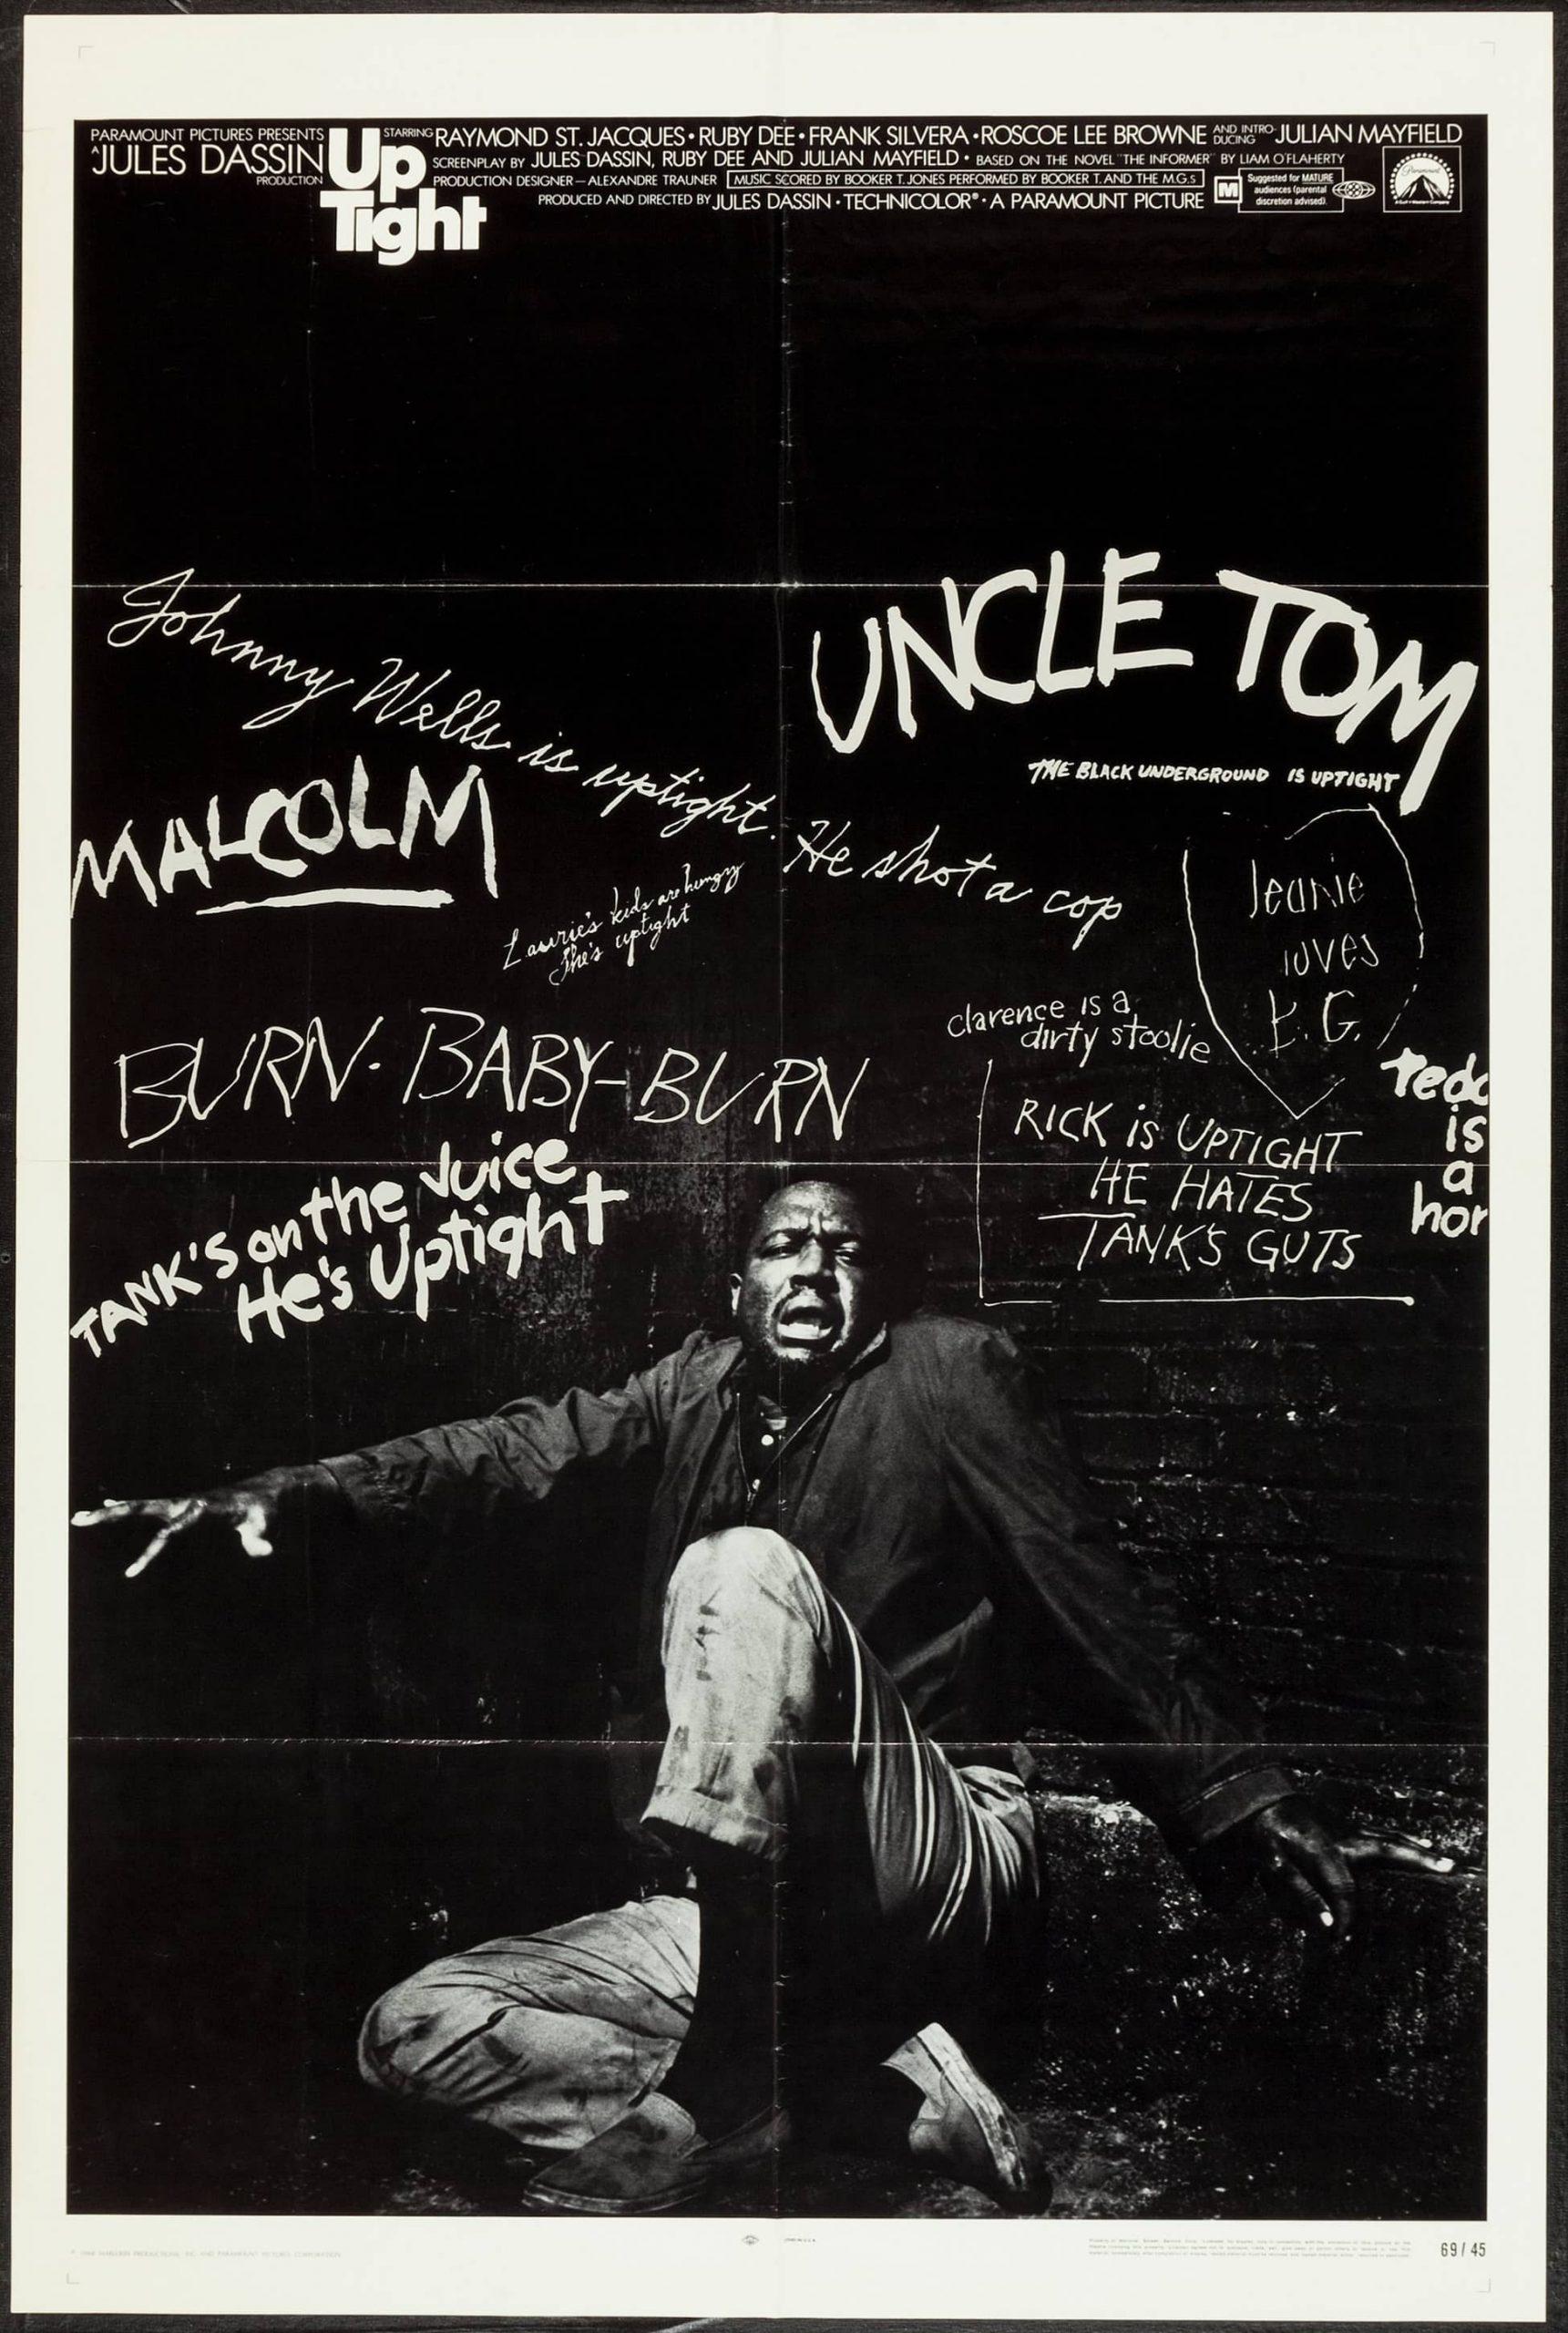 Uptight (dir. Jules Dassin, 1968) US poster